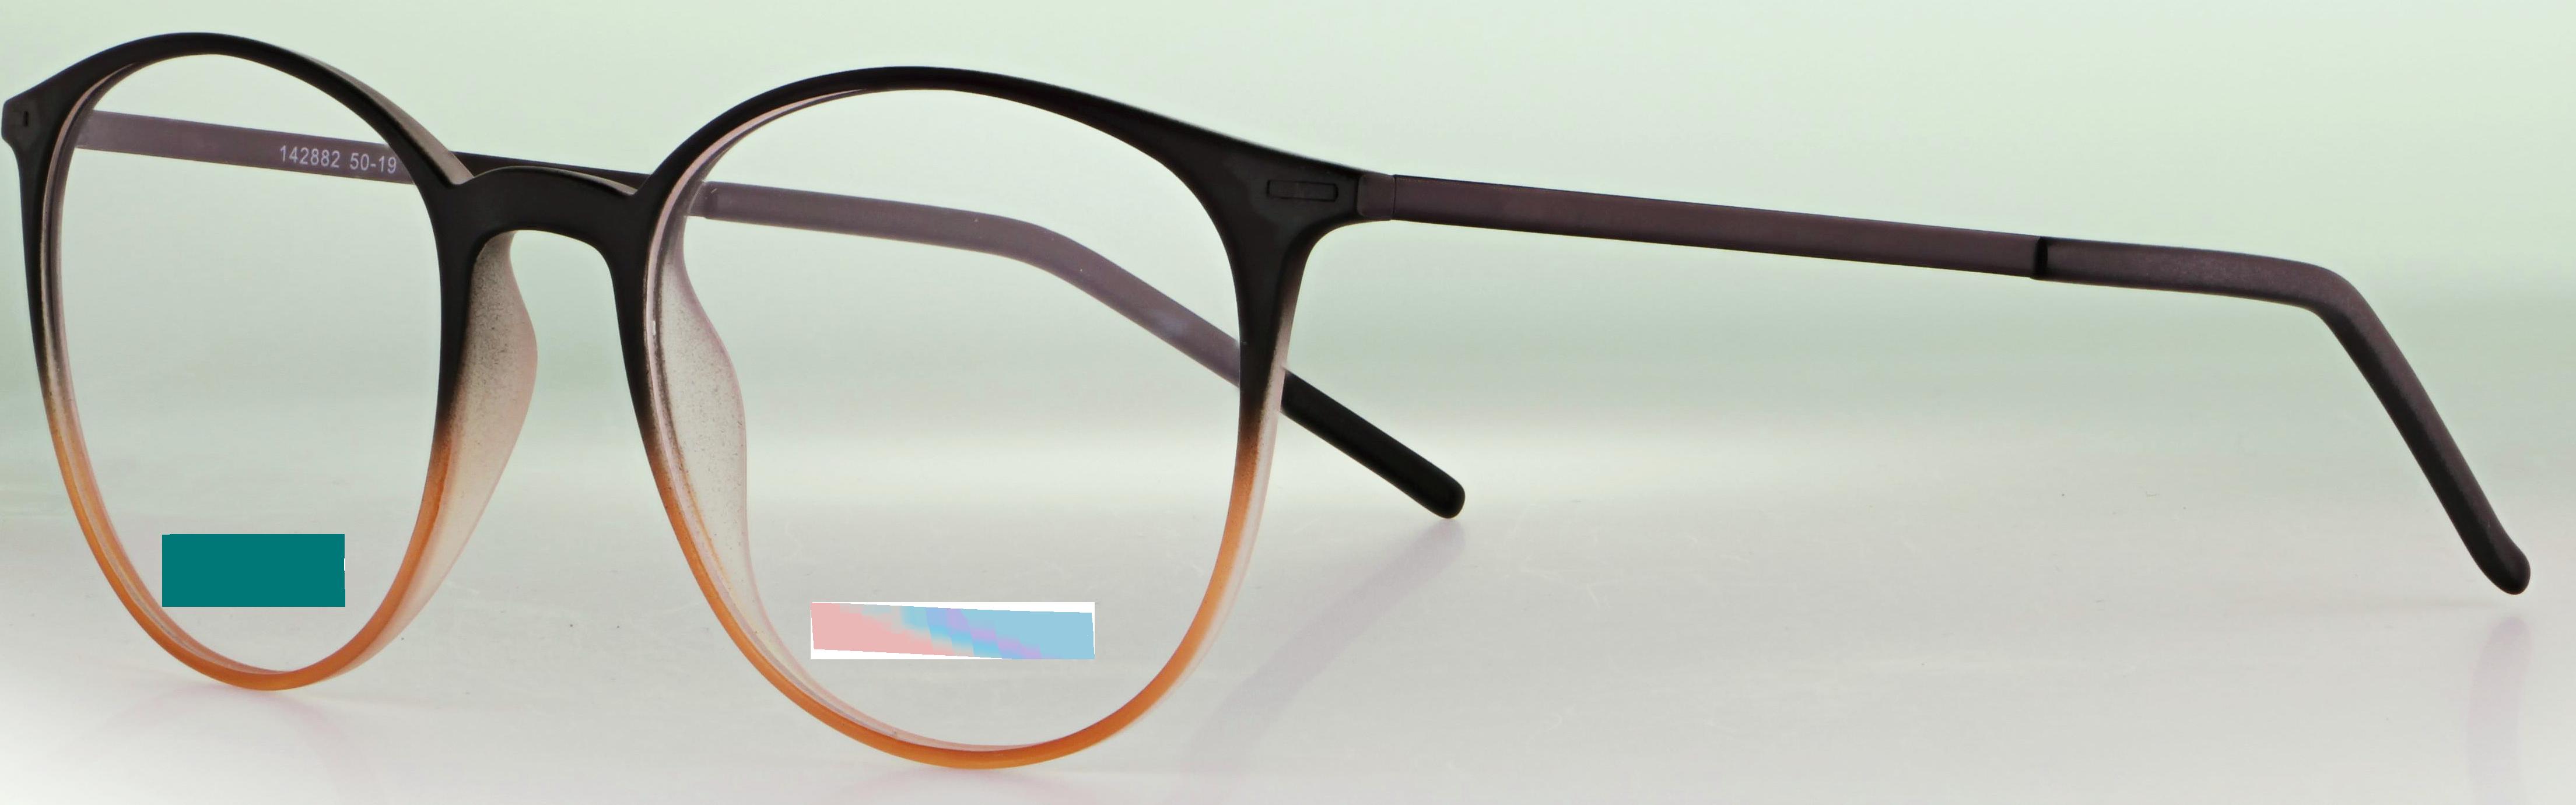 Titanbrille 142882